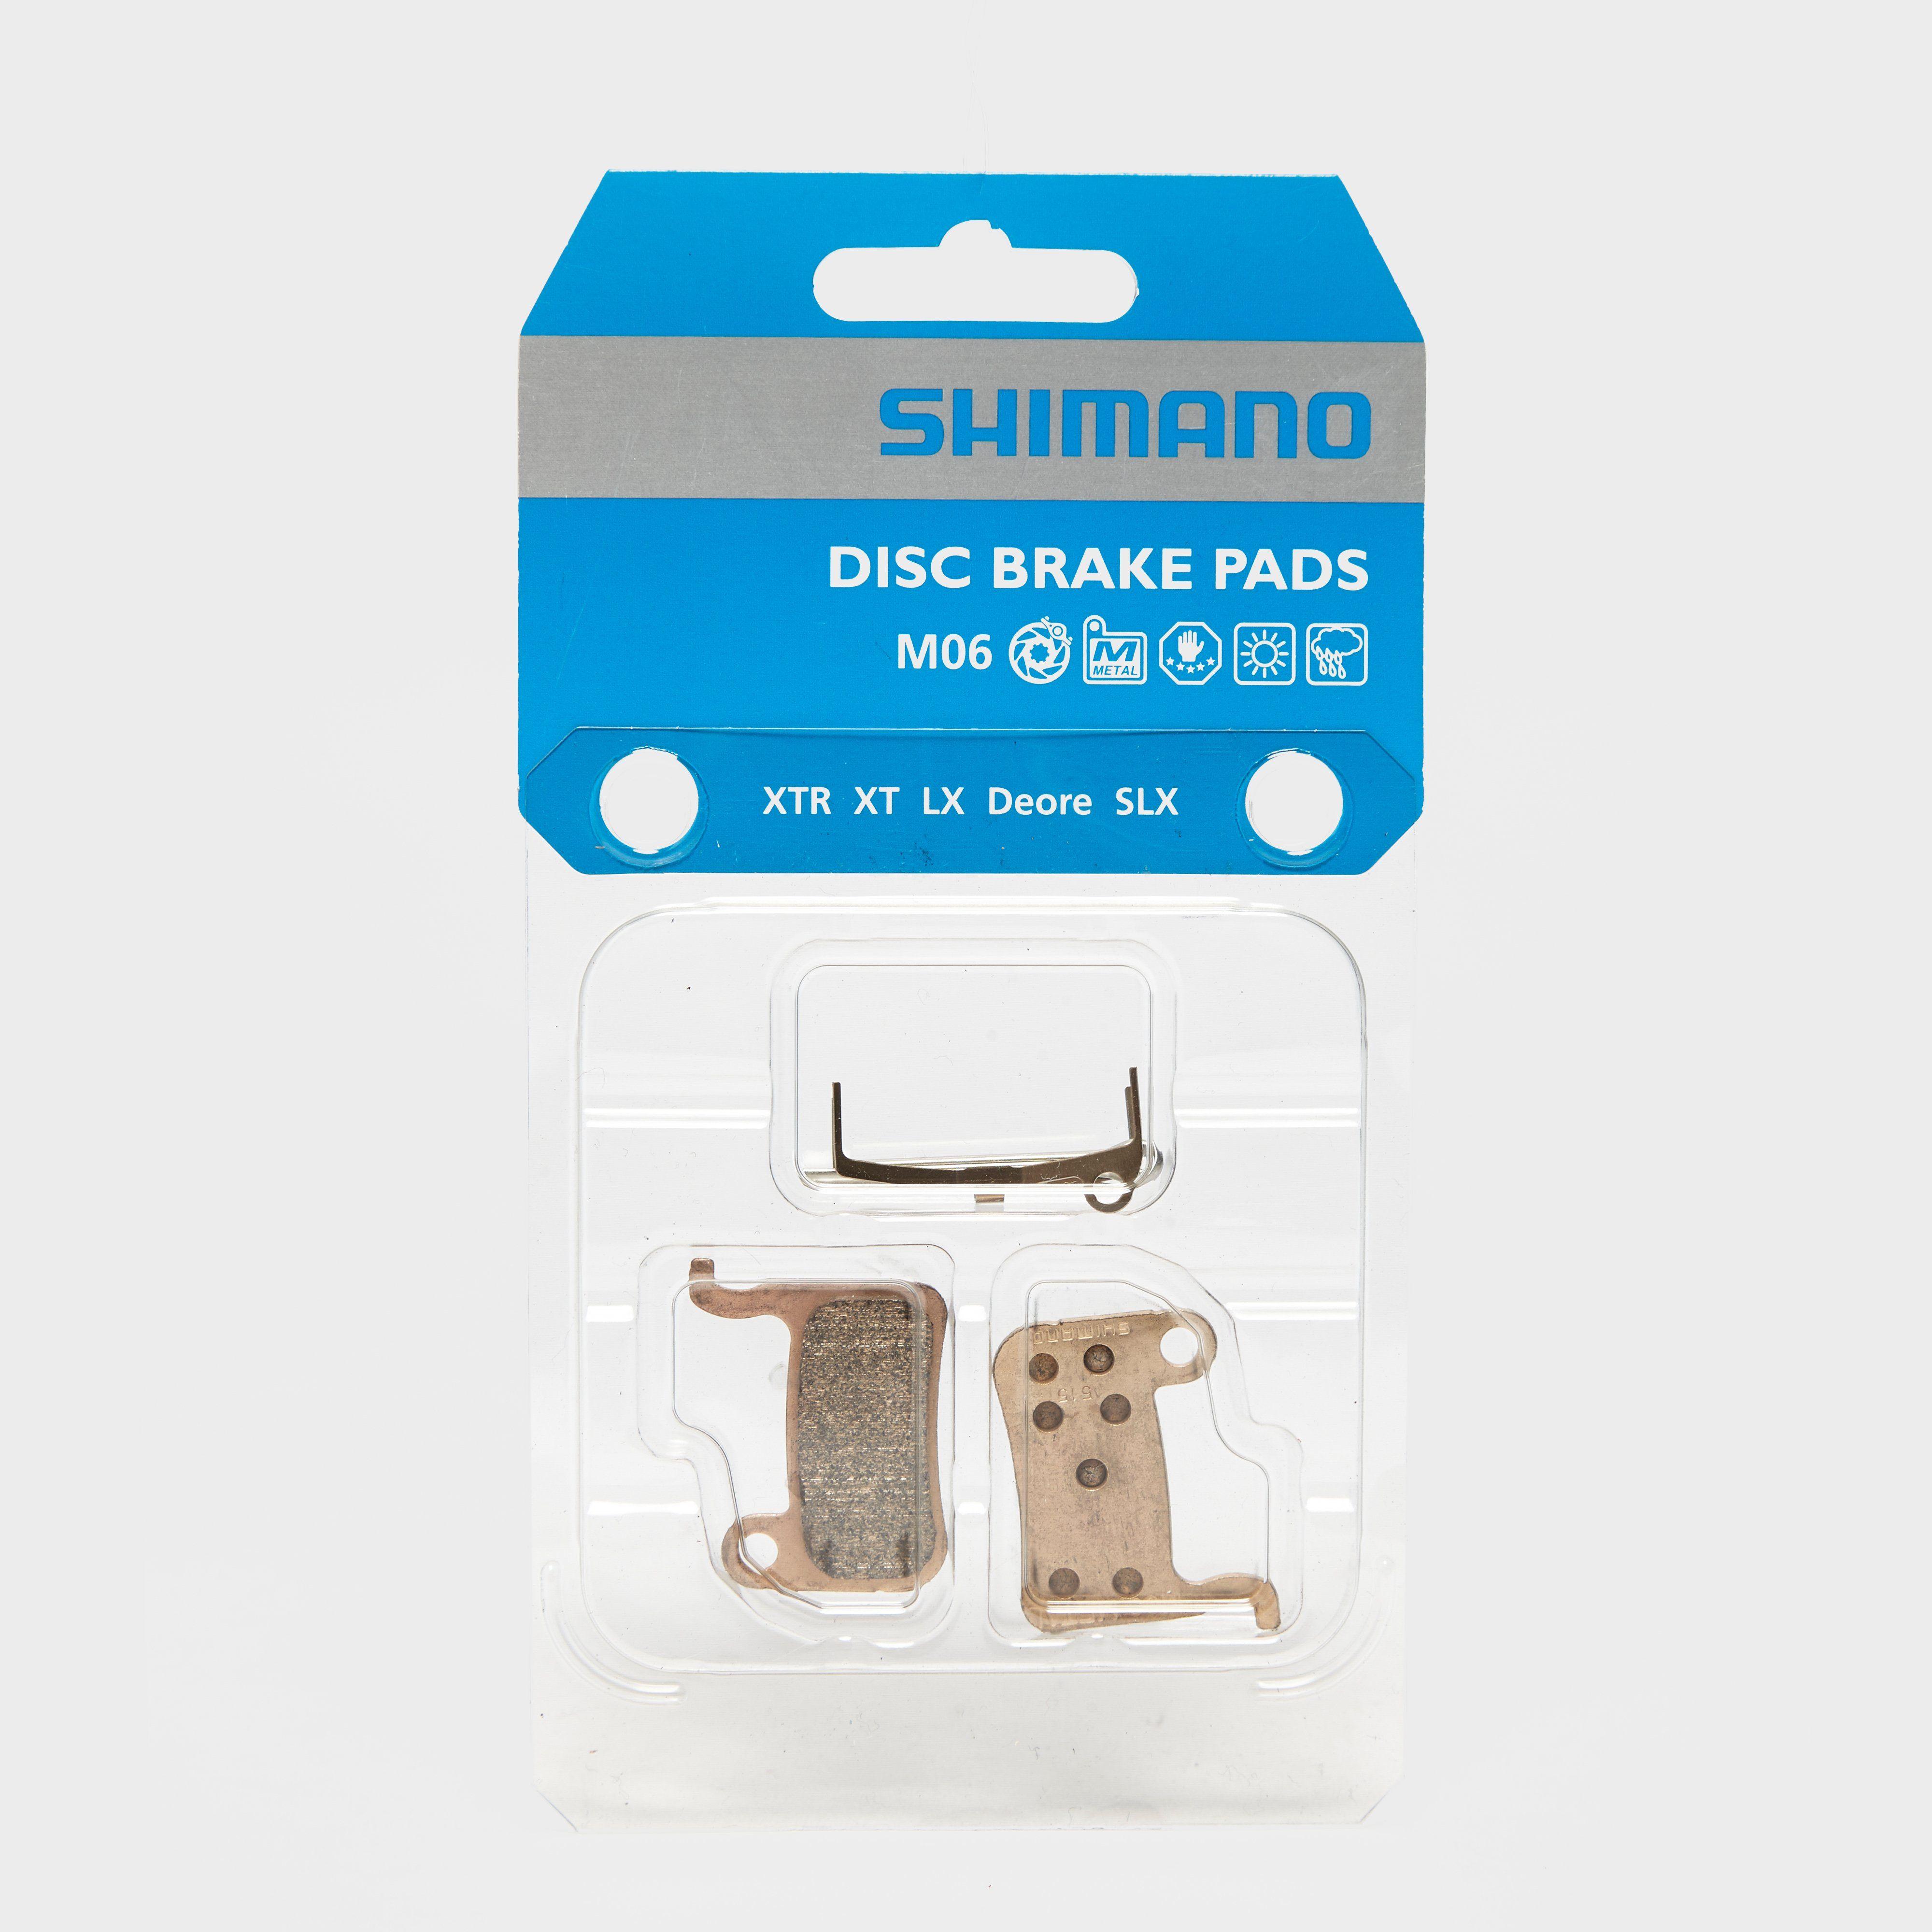 SHIMANO M06 Metal Sintered Disc Brake Pads